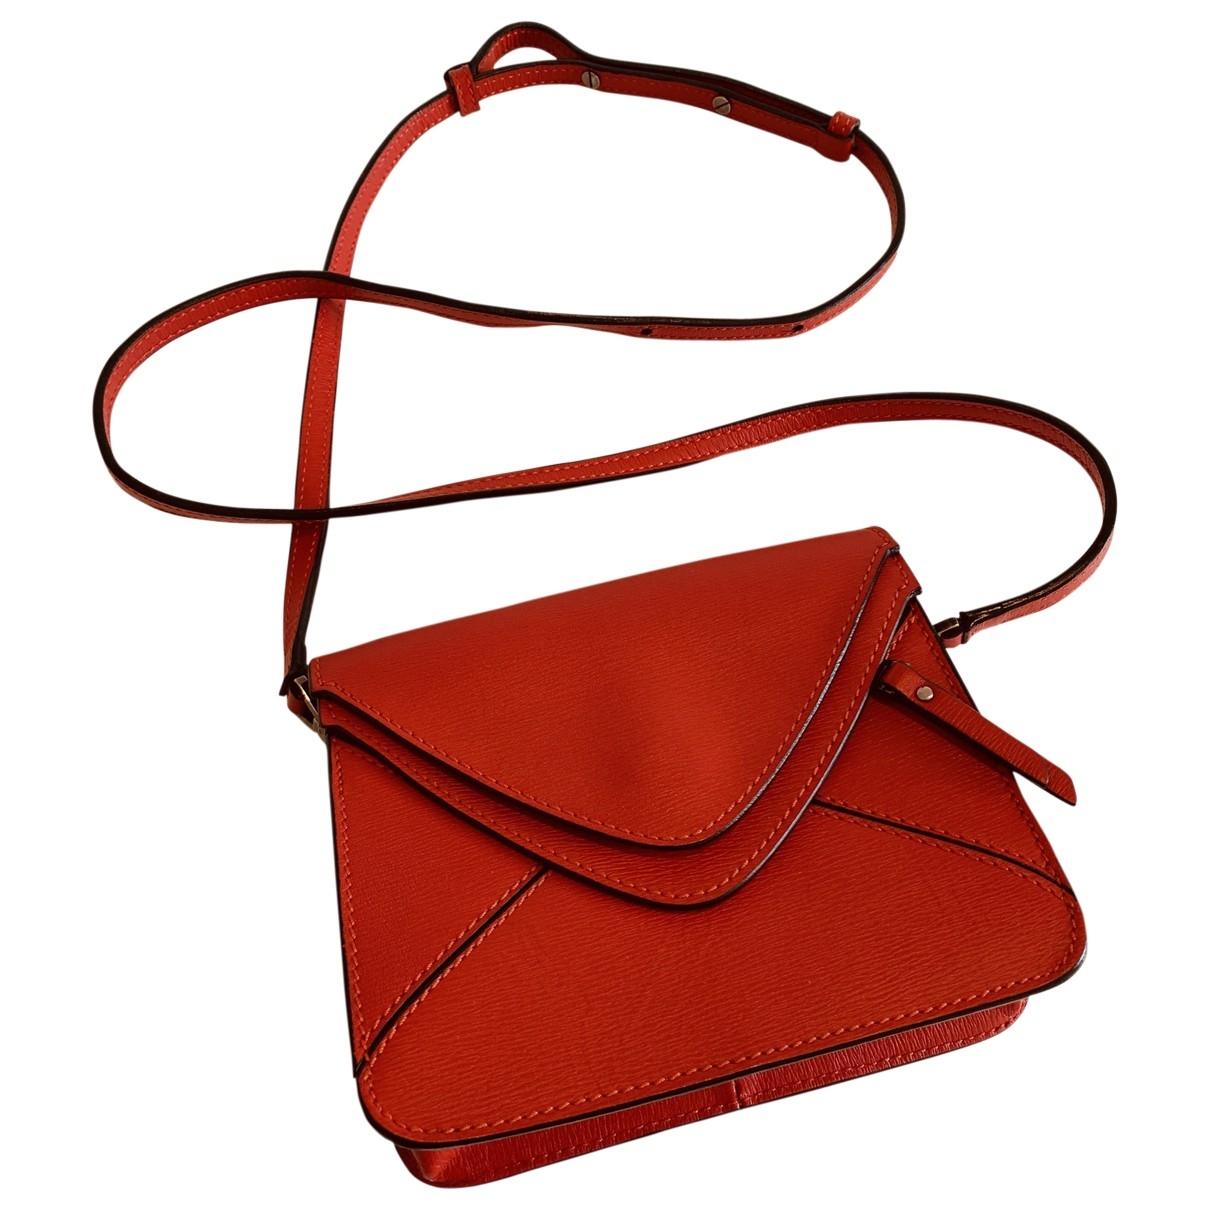 Boyy - Sac a main   pour femme en cuir - rouge